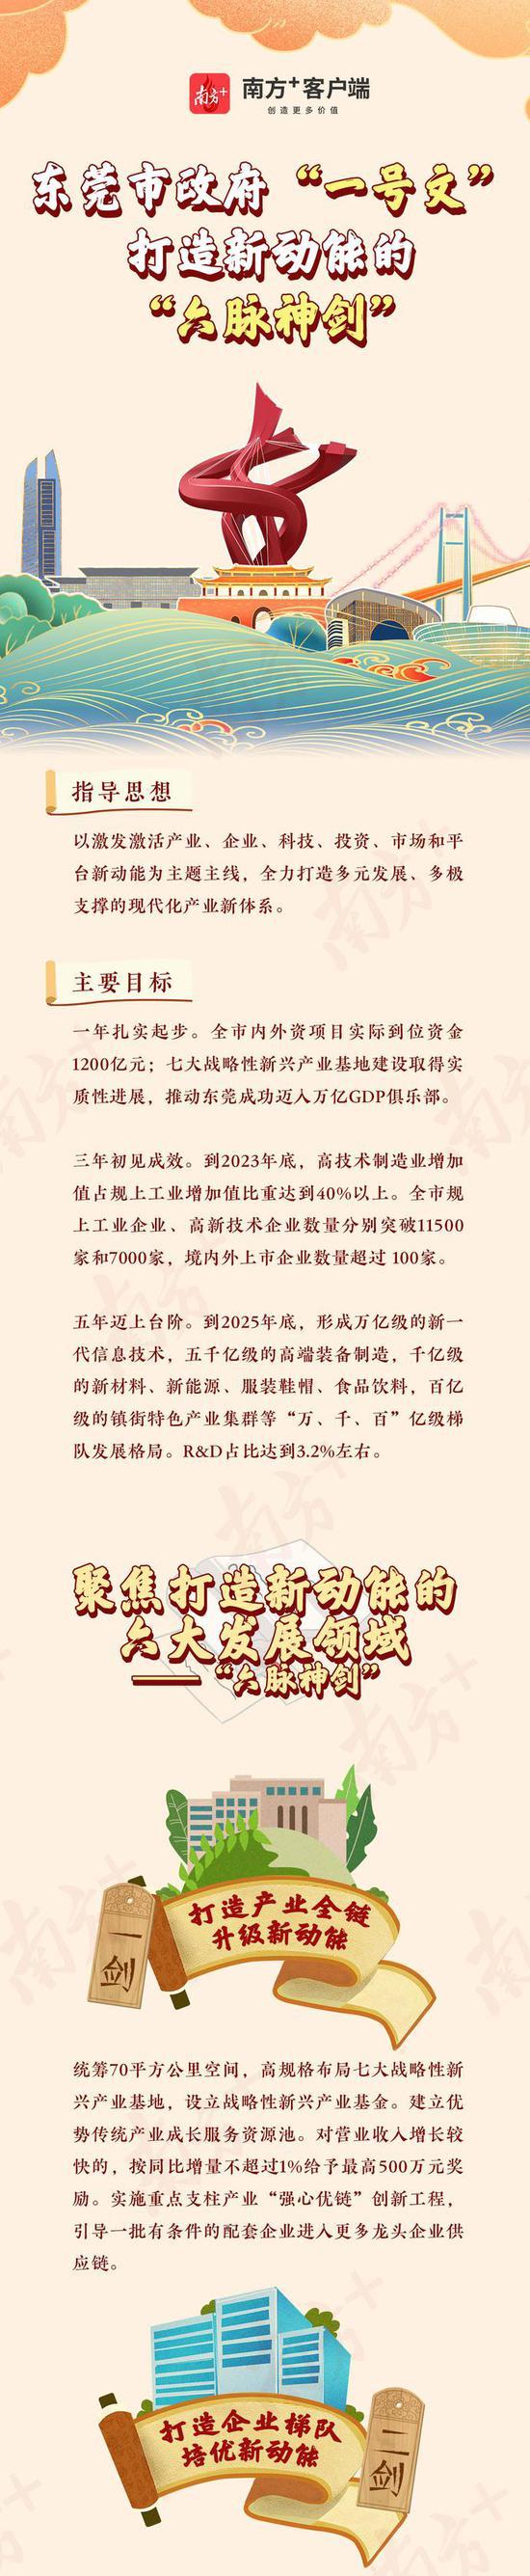 """一图读懂丨东莞市政府""""一号文"""",打造新动能的""""六脉神剑"""""""